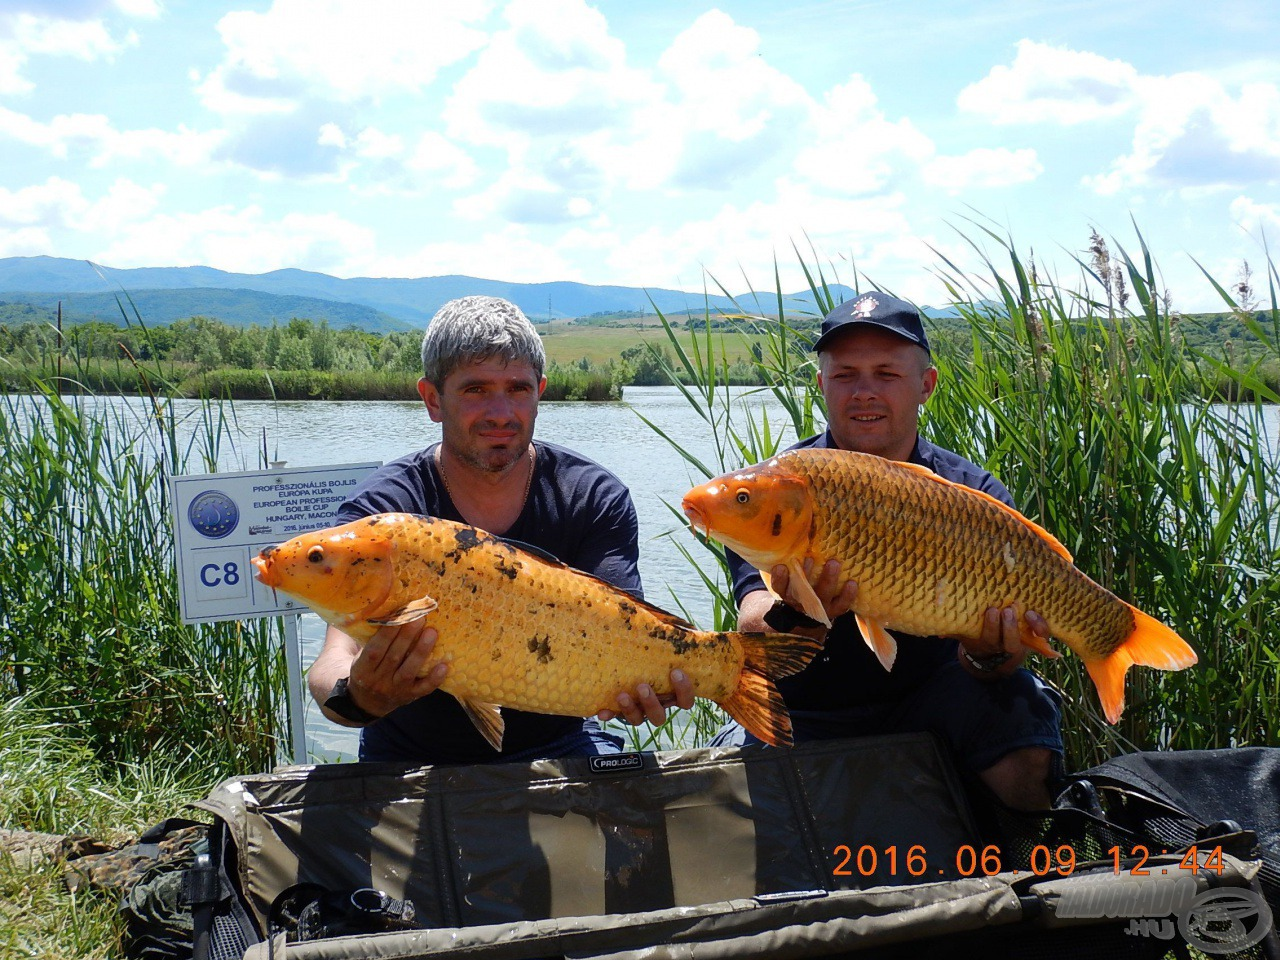 Kék és narancssárga: Ukrán barátaink két szép koi ponty társaságában